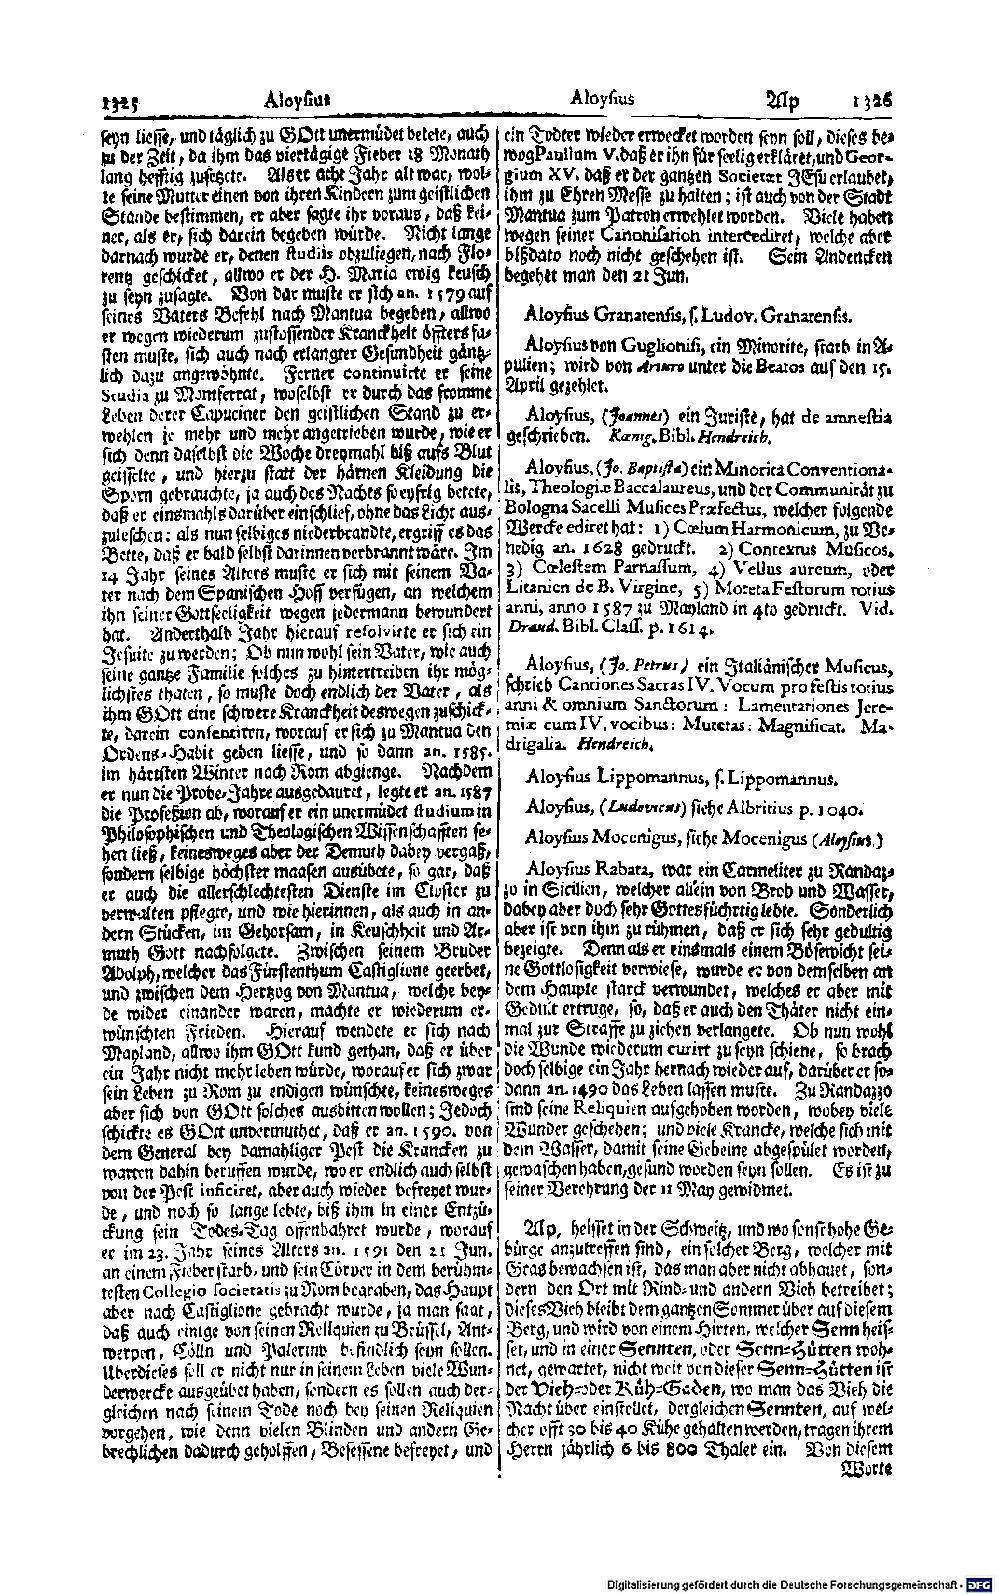 Bd. 01, Seite 0702.